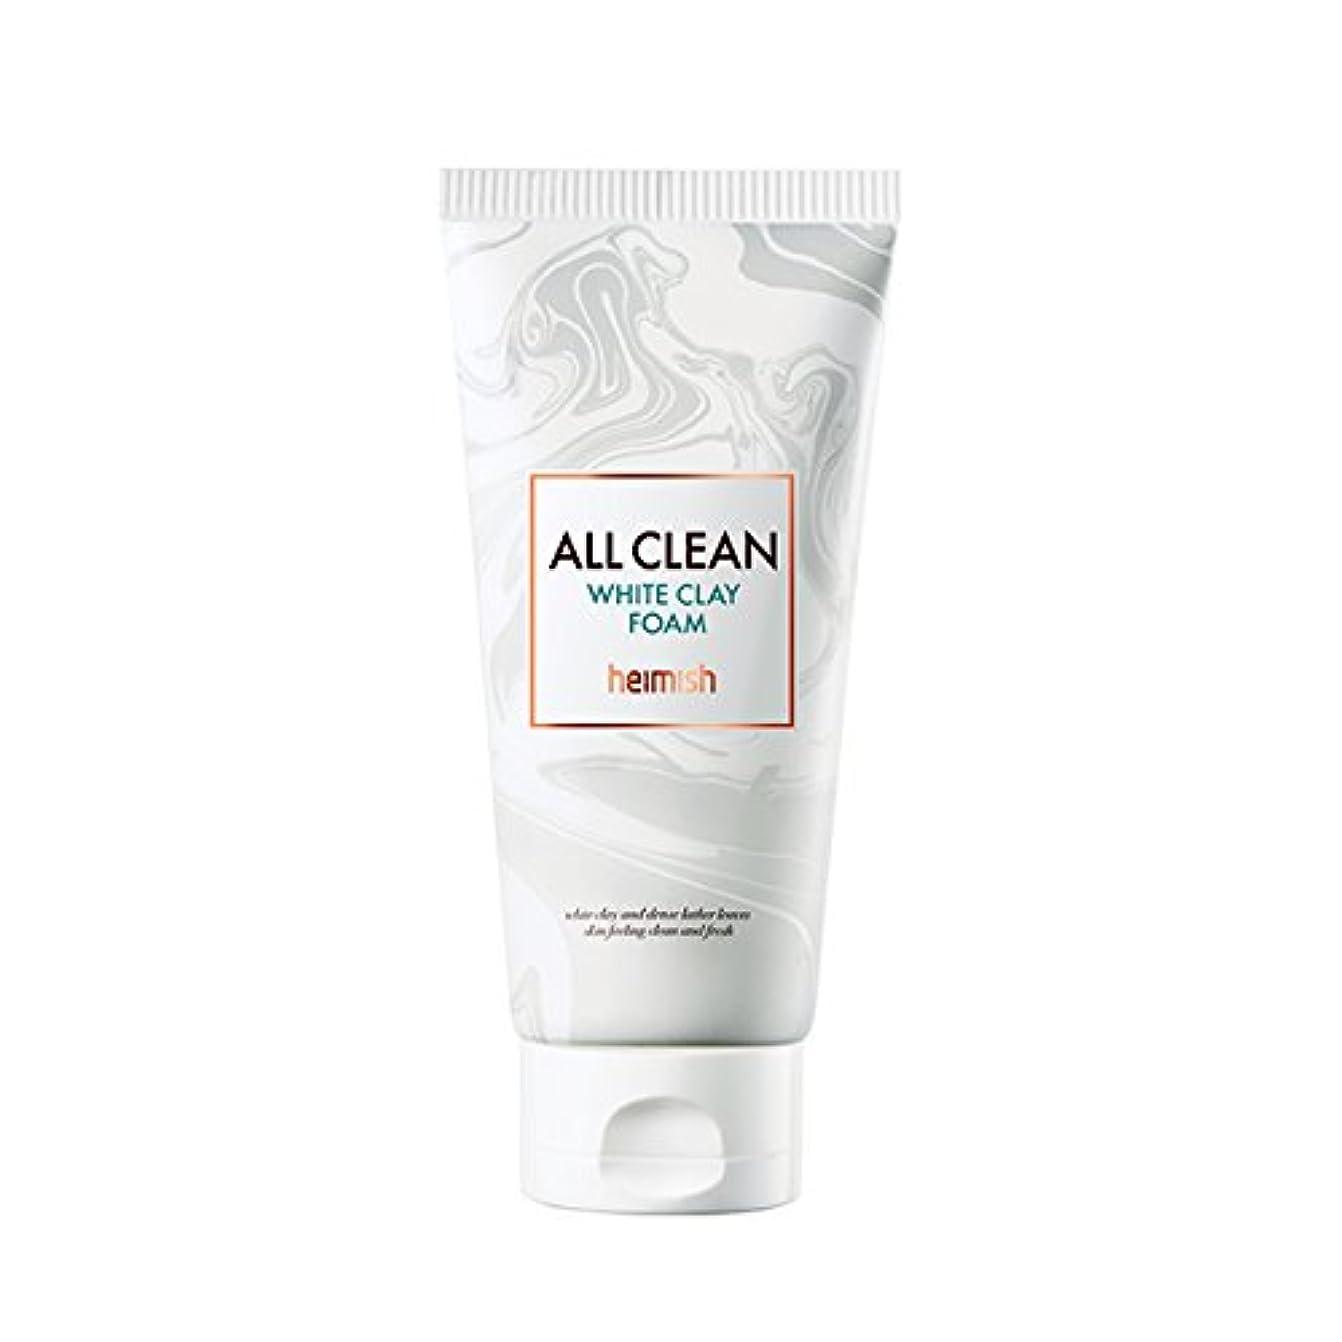 焦がすピルコードレスheimish All Clean White Clay Foam 150g/ヘイミッシュ オールクリーン ホワイト クレイ フォーム 150g